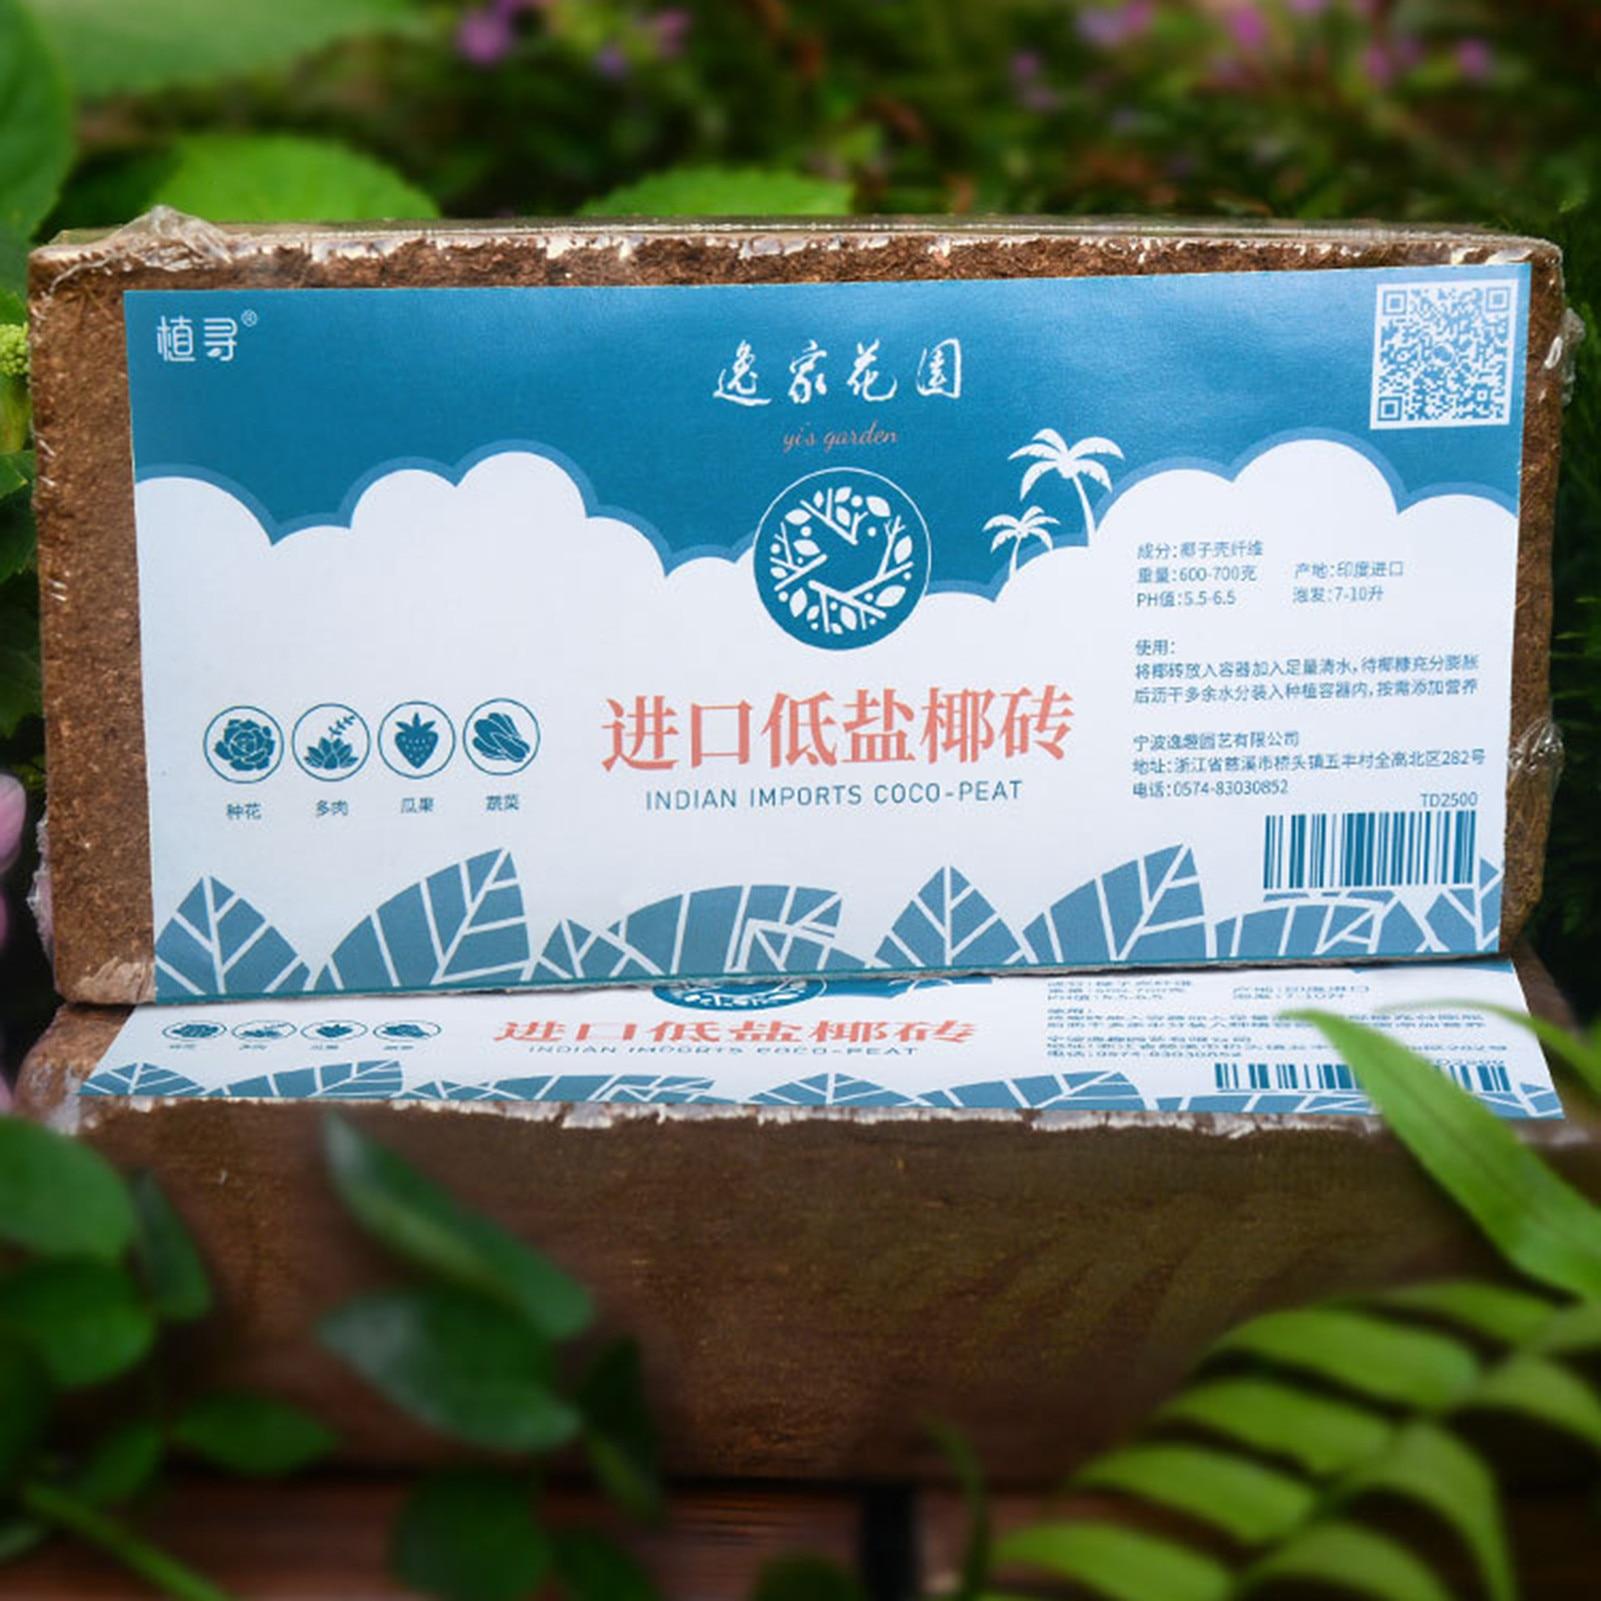 Plant Brick Convenient Natural Garden Coir Soil Coconut Brick For Flower Pots Glass Containers Planting Bags Plant Growth Medium